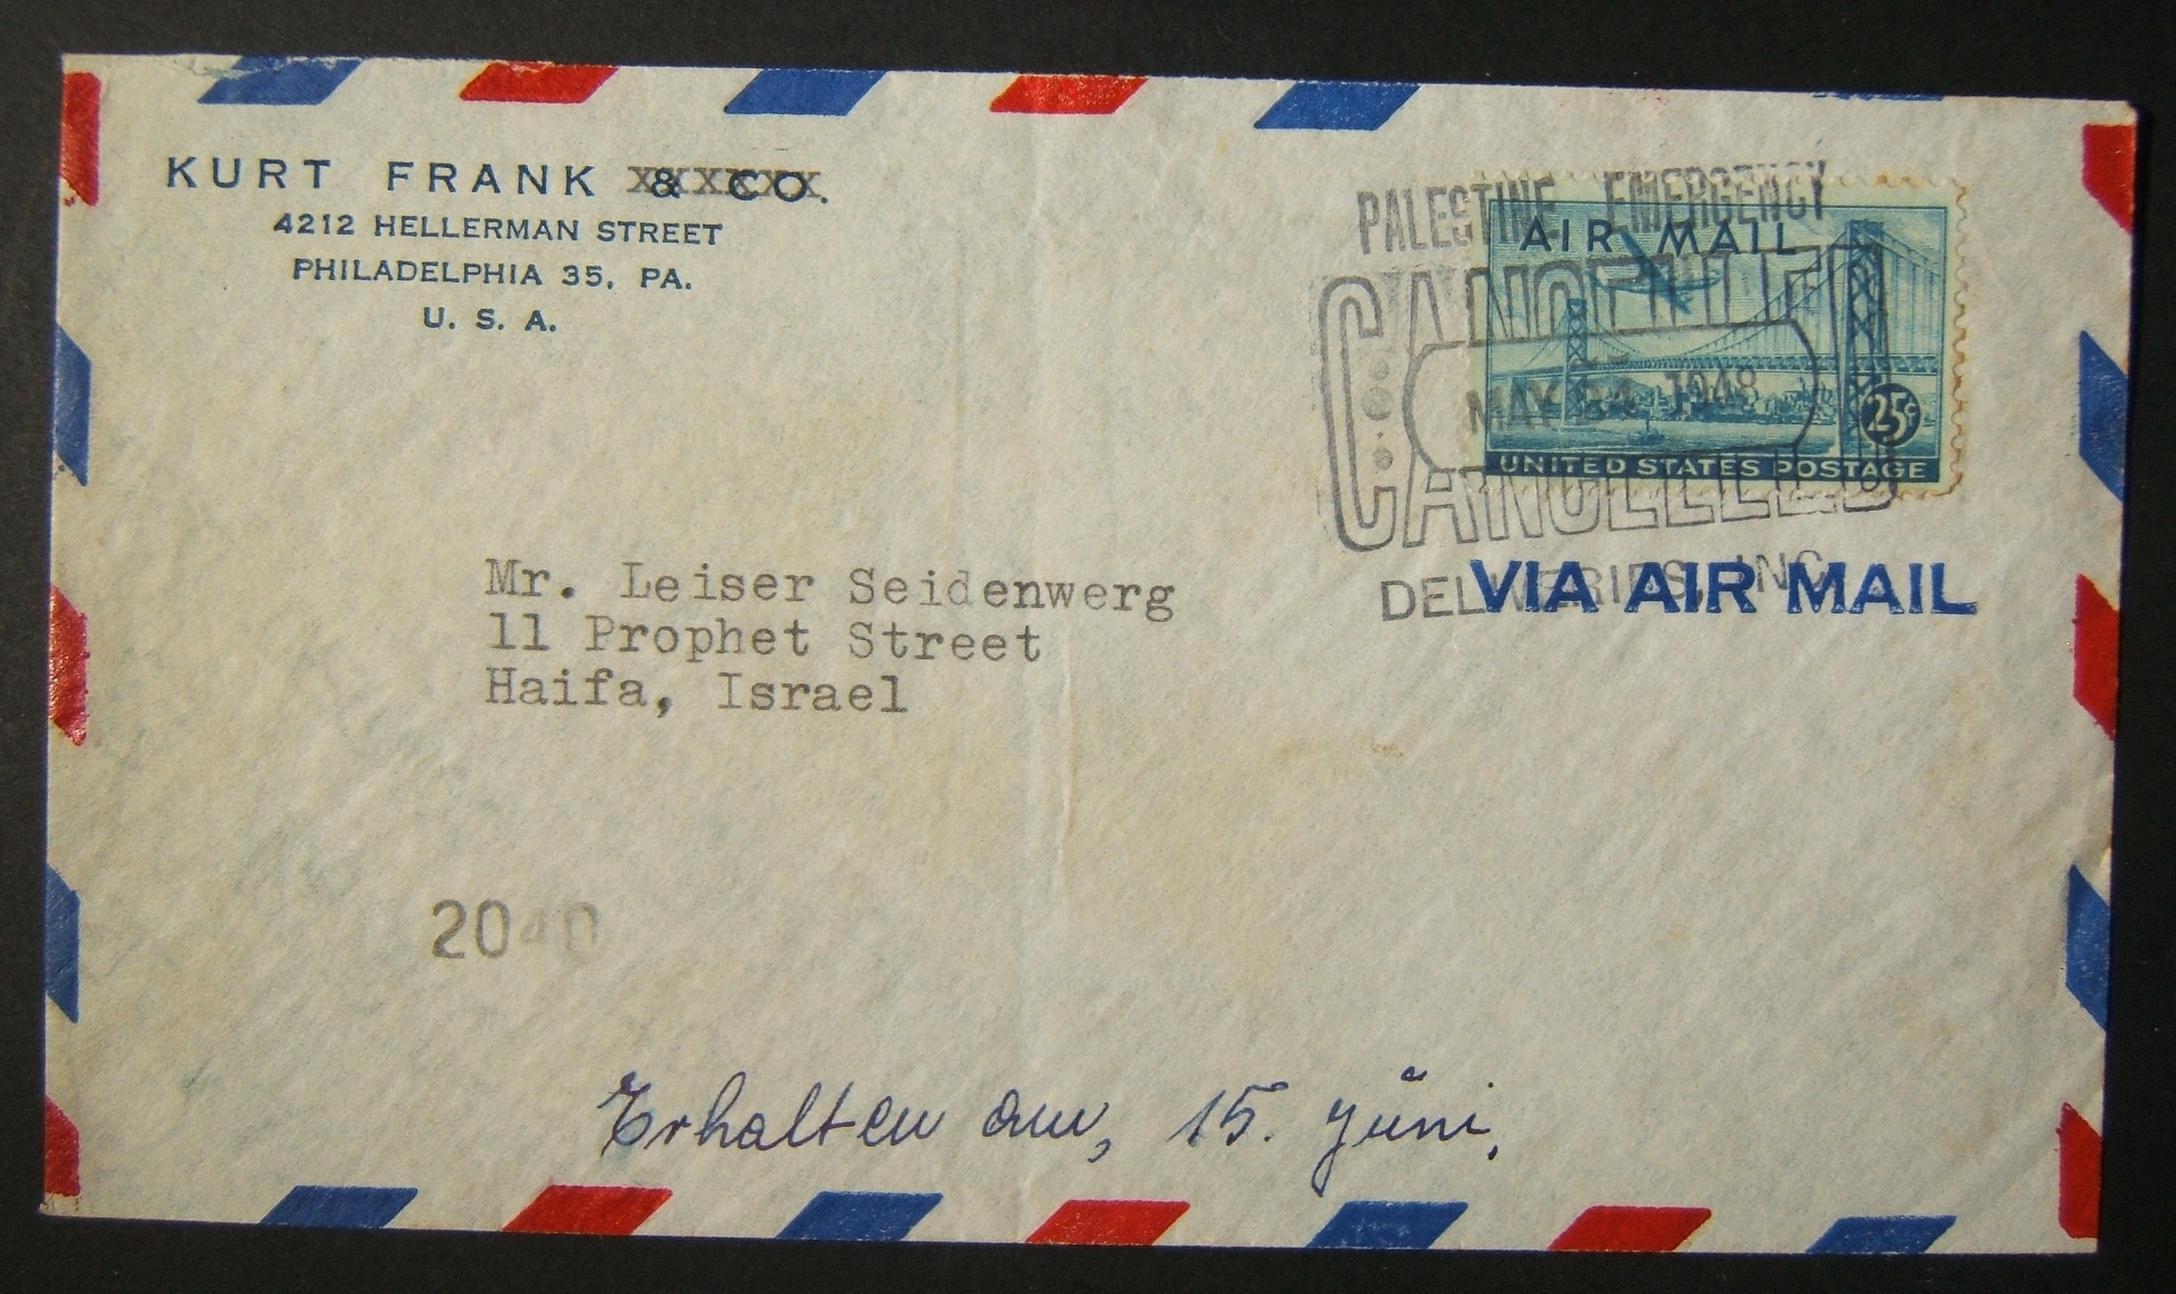 1948 PEDI [2. Tag] Post: Geschäftsbrief von PHILADELPHIA nach HAIFA frankiert 25c mit Luftpost Porto nach Israel mit vollem Streifen am 24. Mai 1948 Bmk (2. Tag des PEDI-Services)